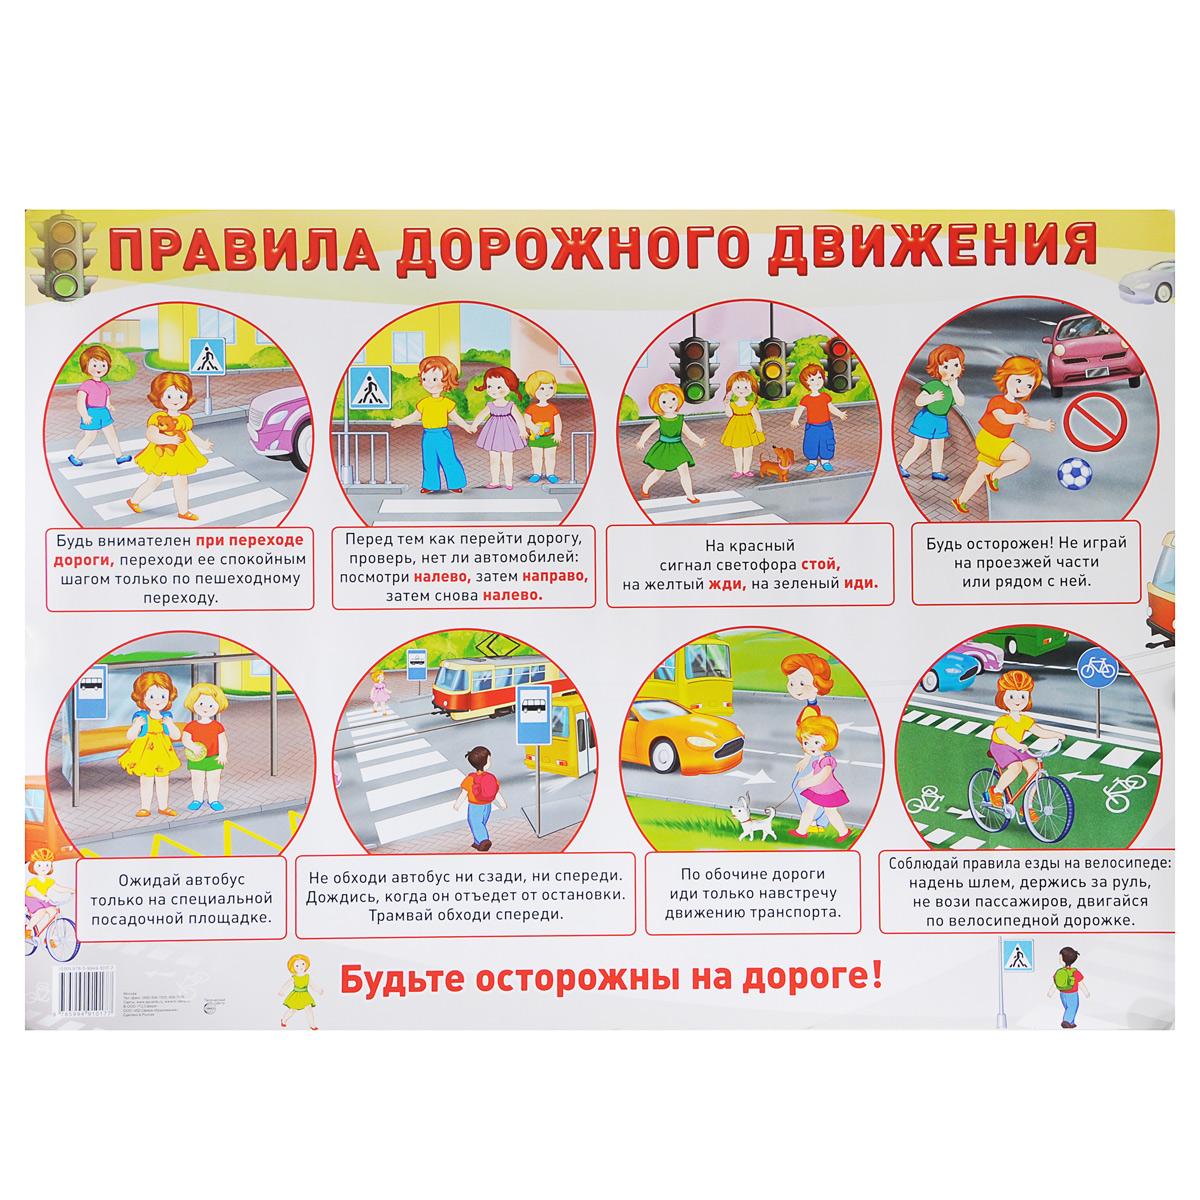 Правила дорожного движения. Плакат правила дорожного движения плакат